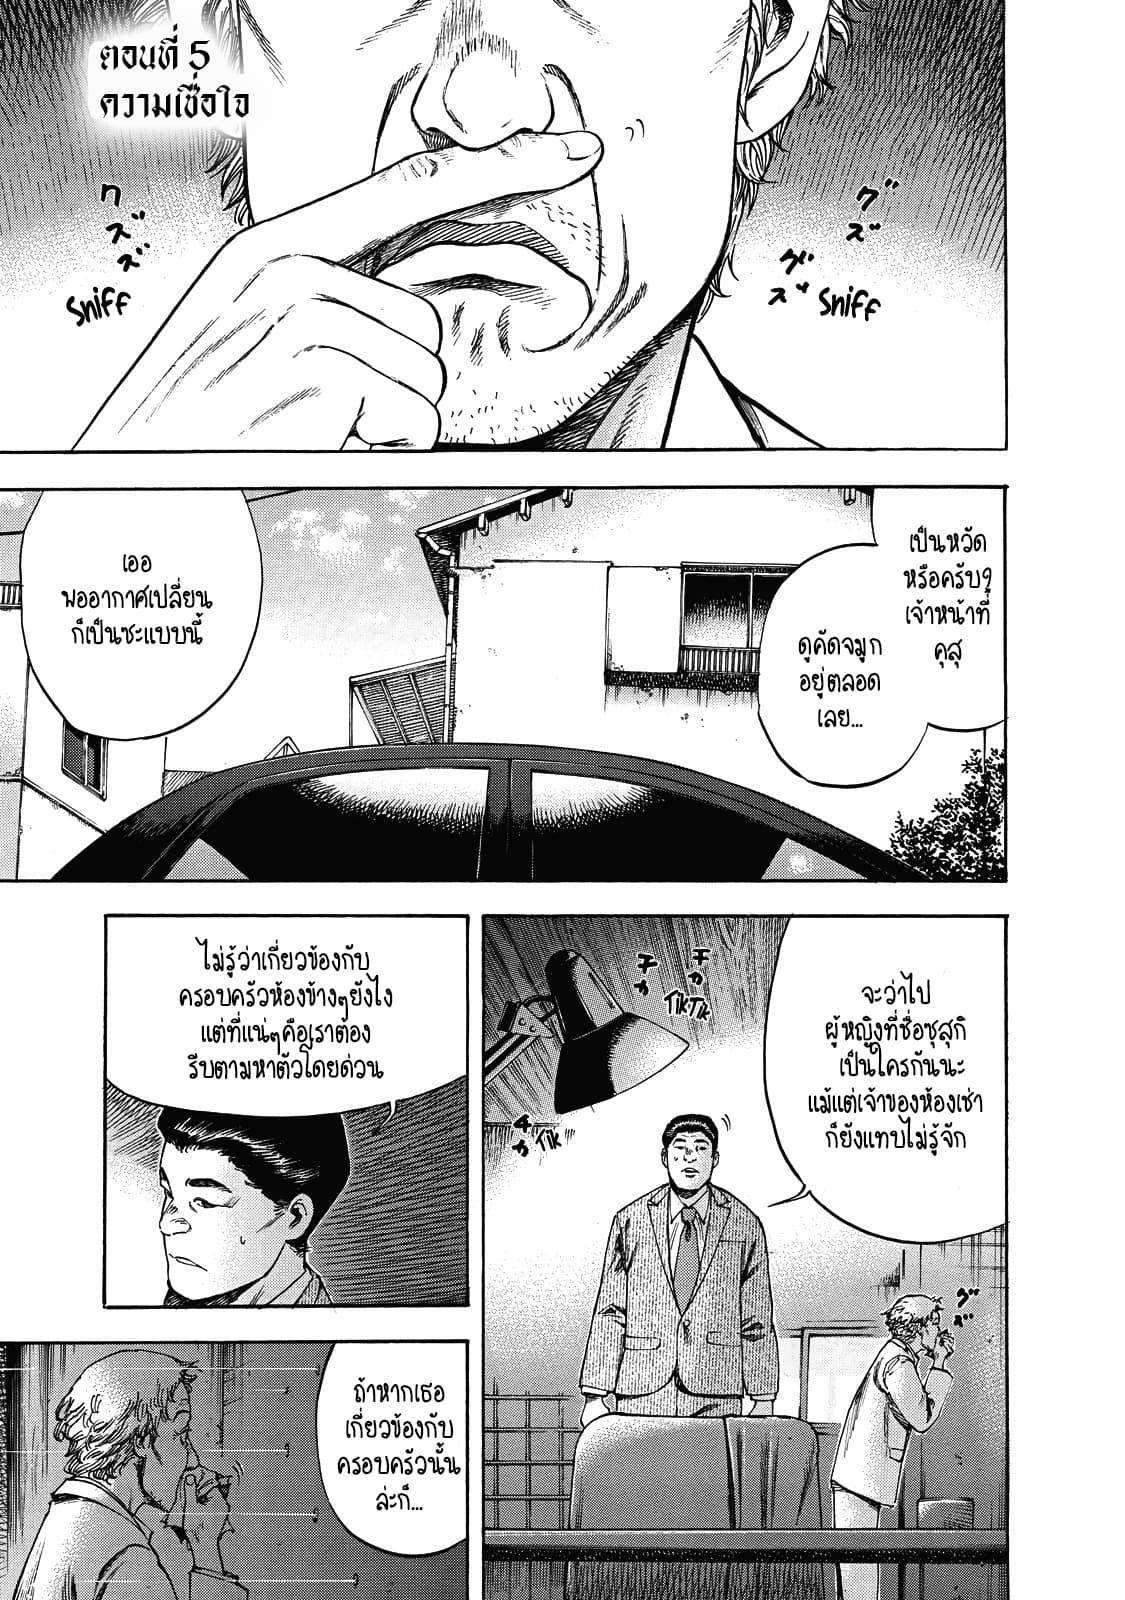 อ่านการ์ตูน Suzuki-san wa Tada Shizuka ni Kurashitai ตอนที่ 5 หน้าที่ 1